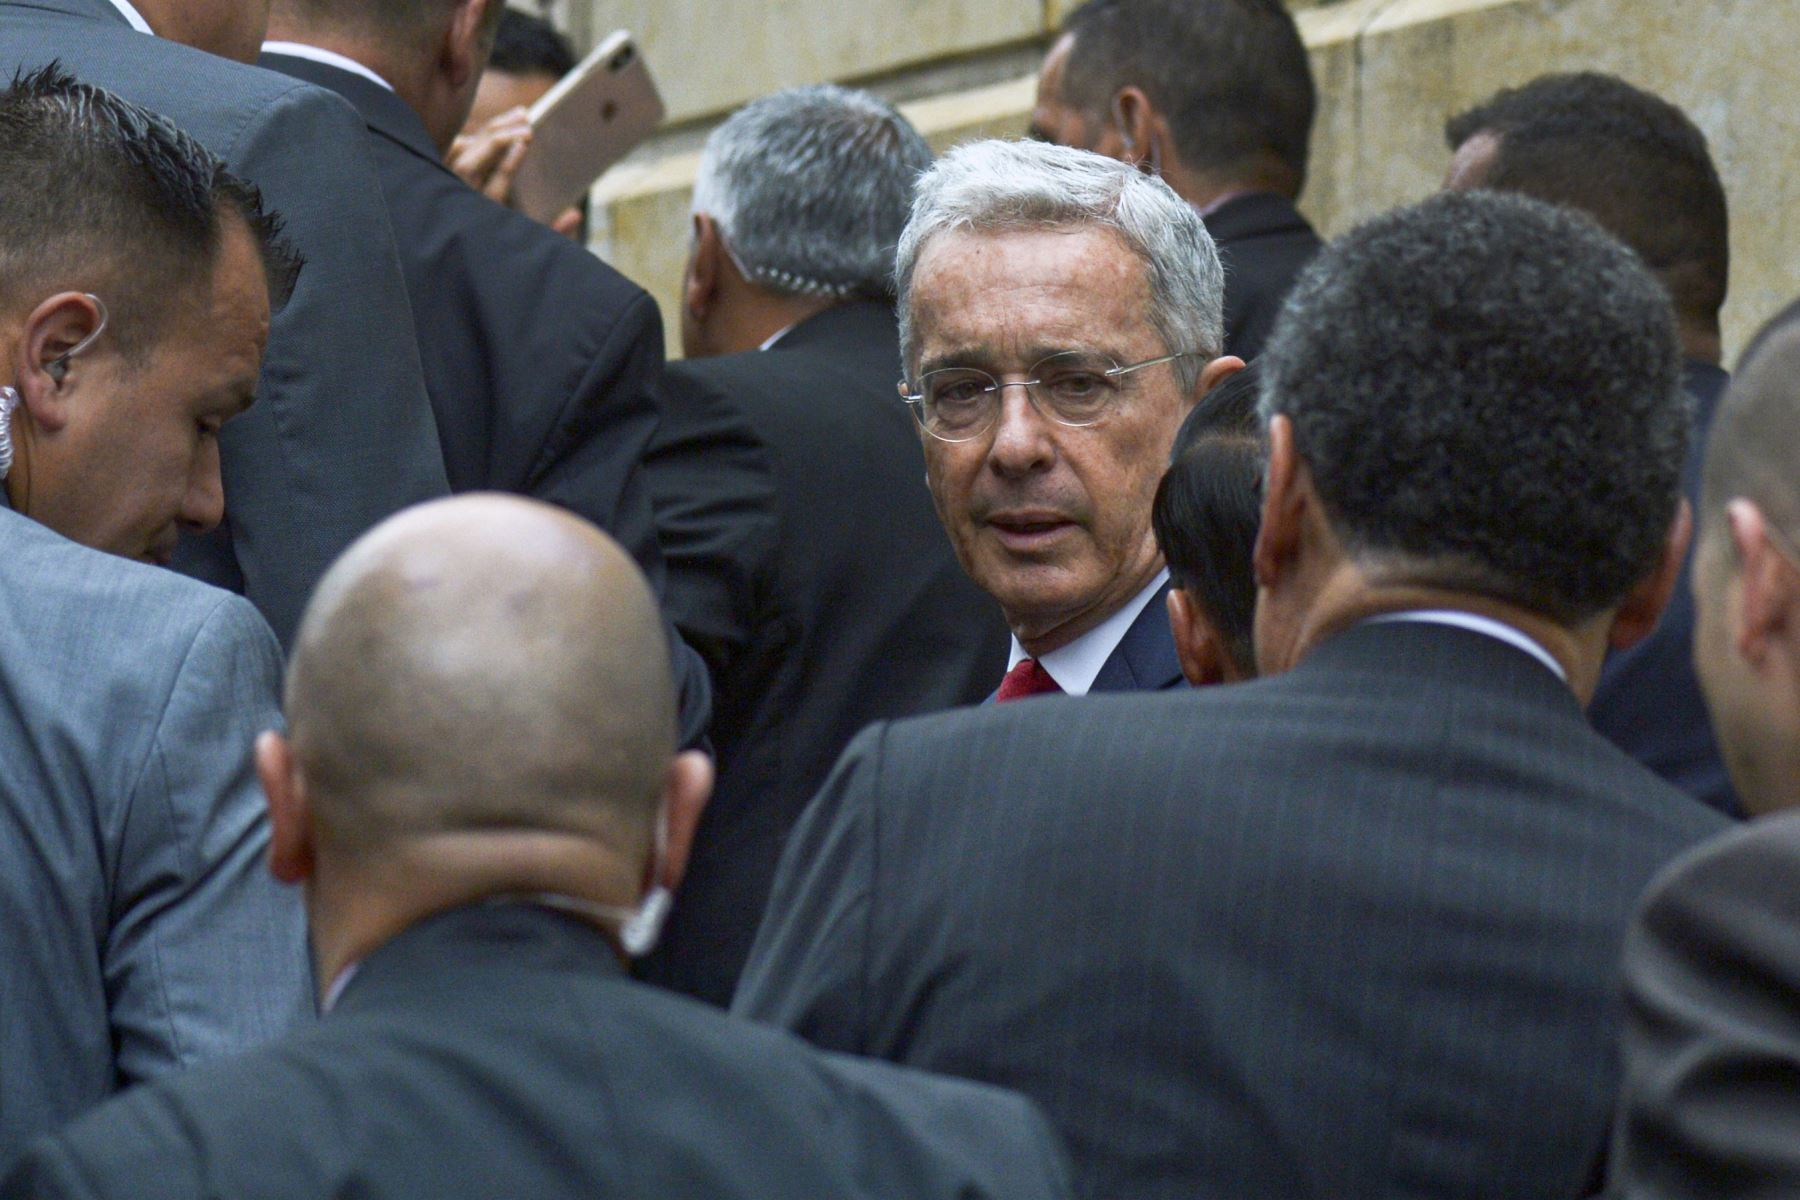 Foto de archivo tomada el 8 de octubre de 2019, el ex presidente colombiano  y actual senador Álvaro Uribe  llega al Palacio de Justicia para una audiencia ante la Corte Suprema de Justicia en un caso sobre manipulación de testigos en Bogotá. Foto: AFP